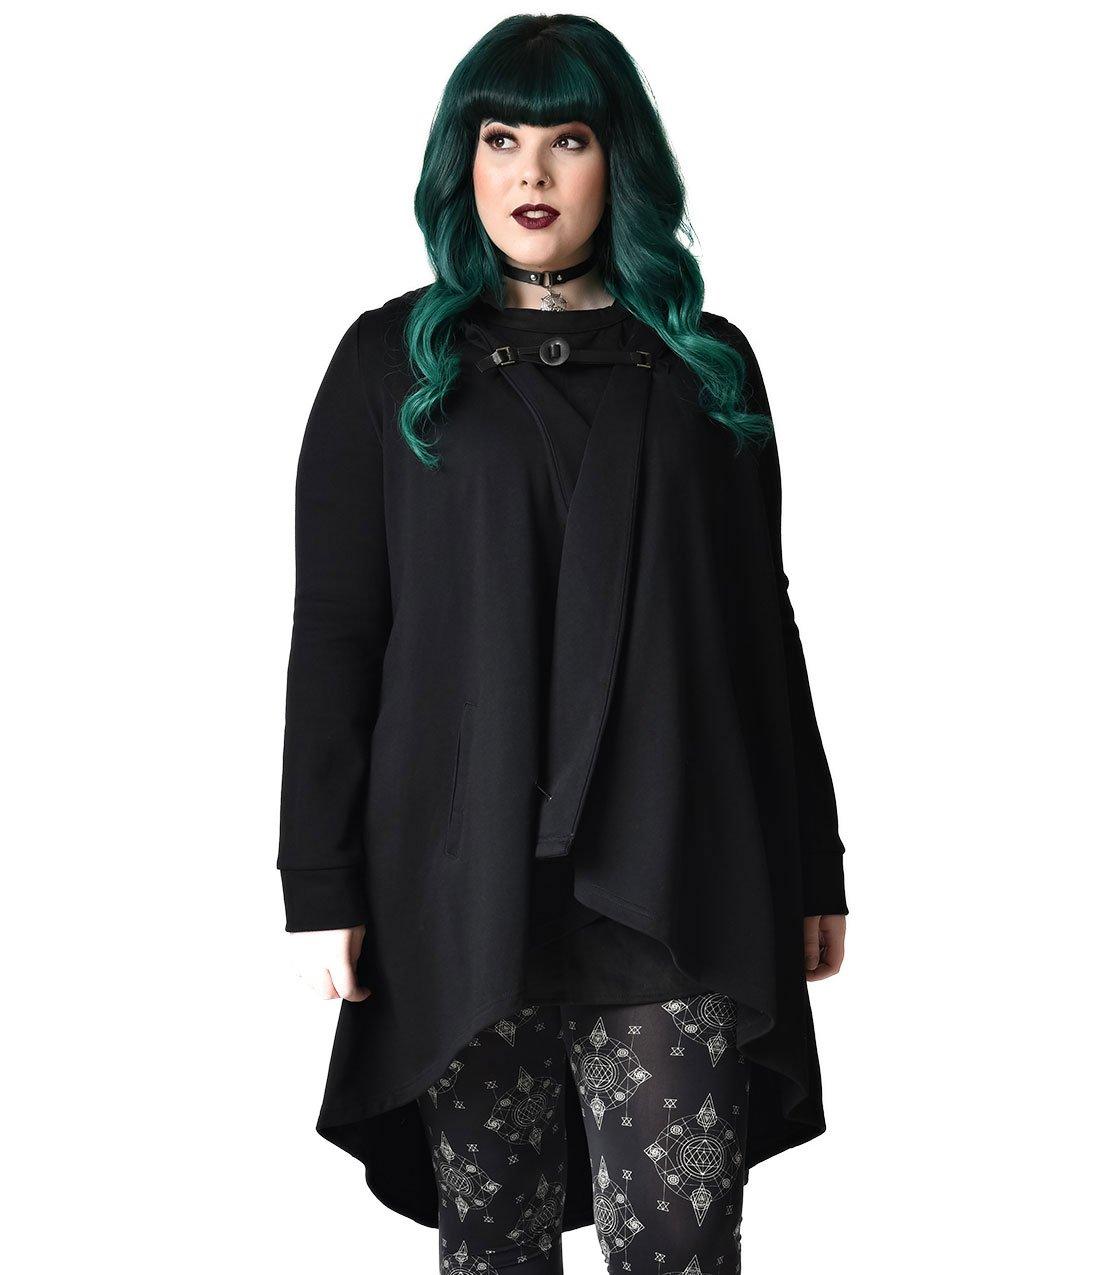 Unique Vintage Gothic Style Black Hooded Cotton Coat by Unique Vintage